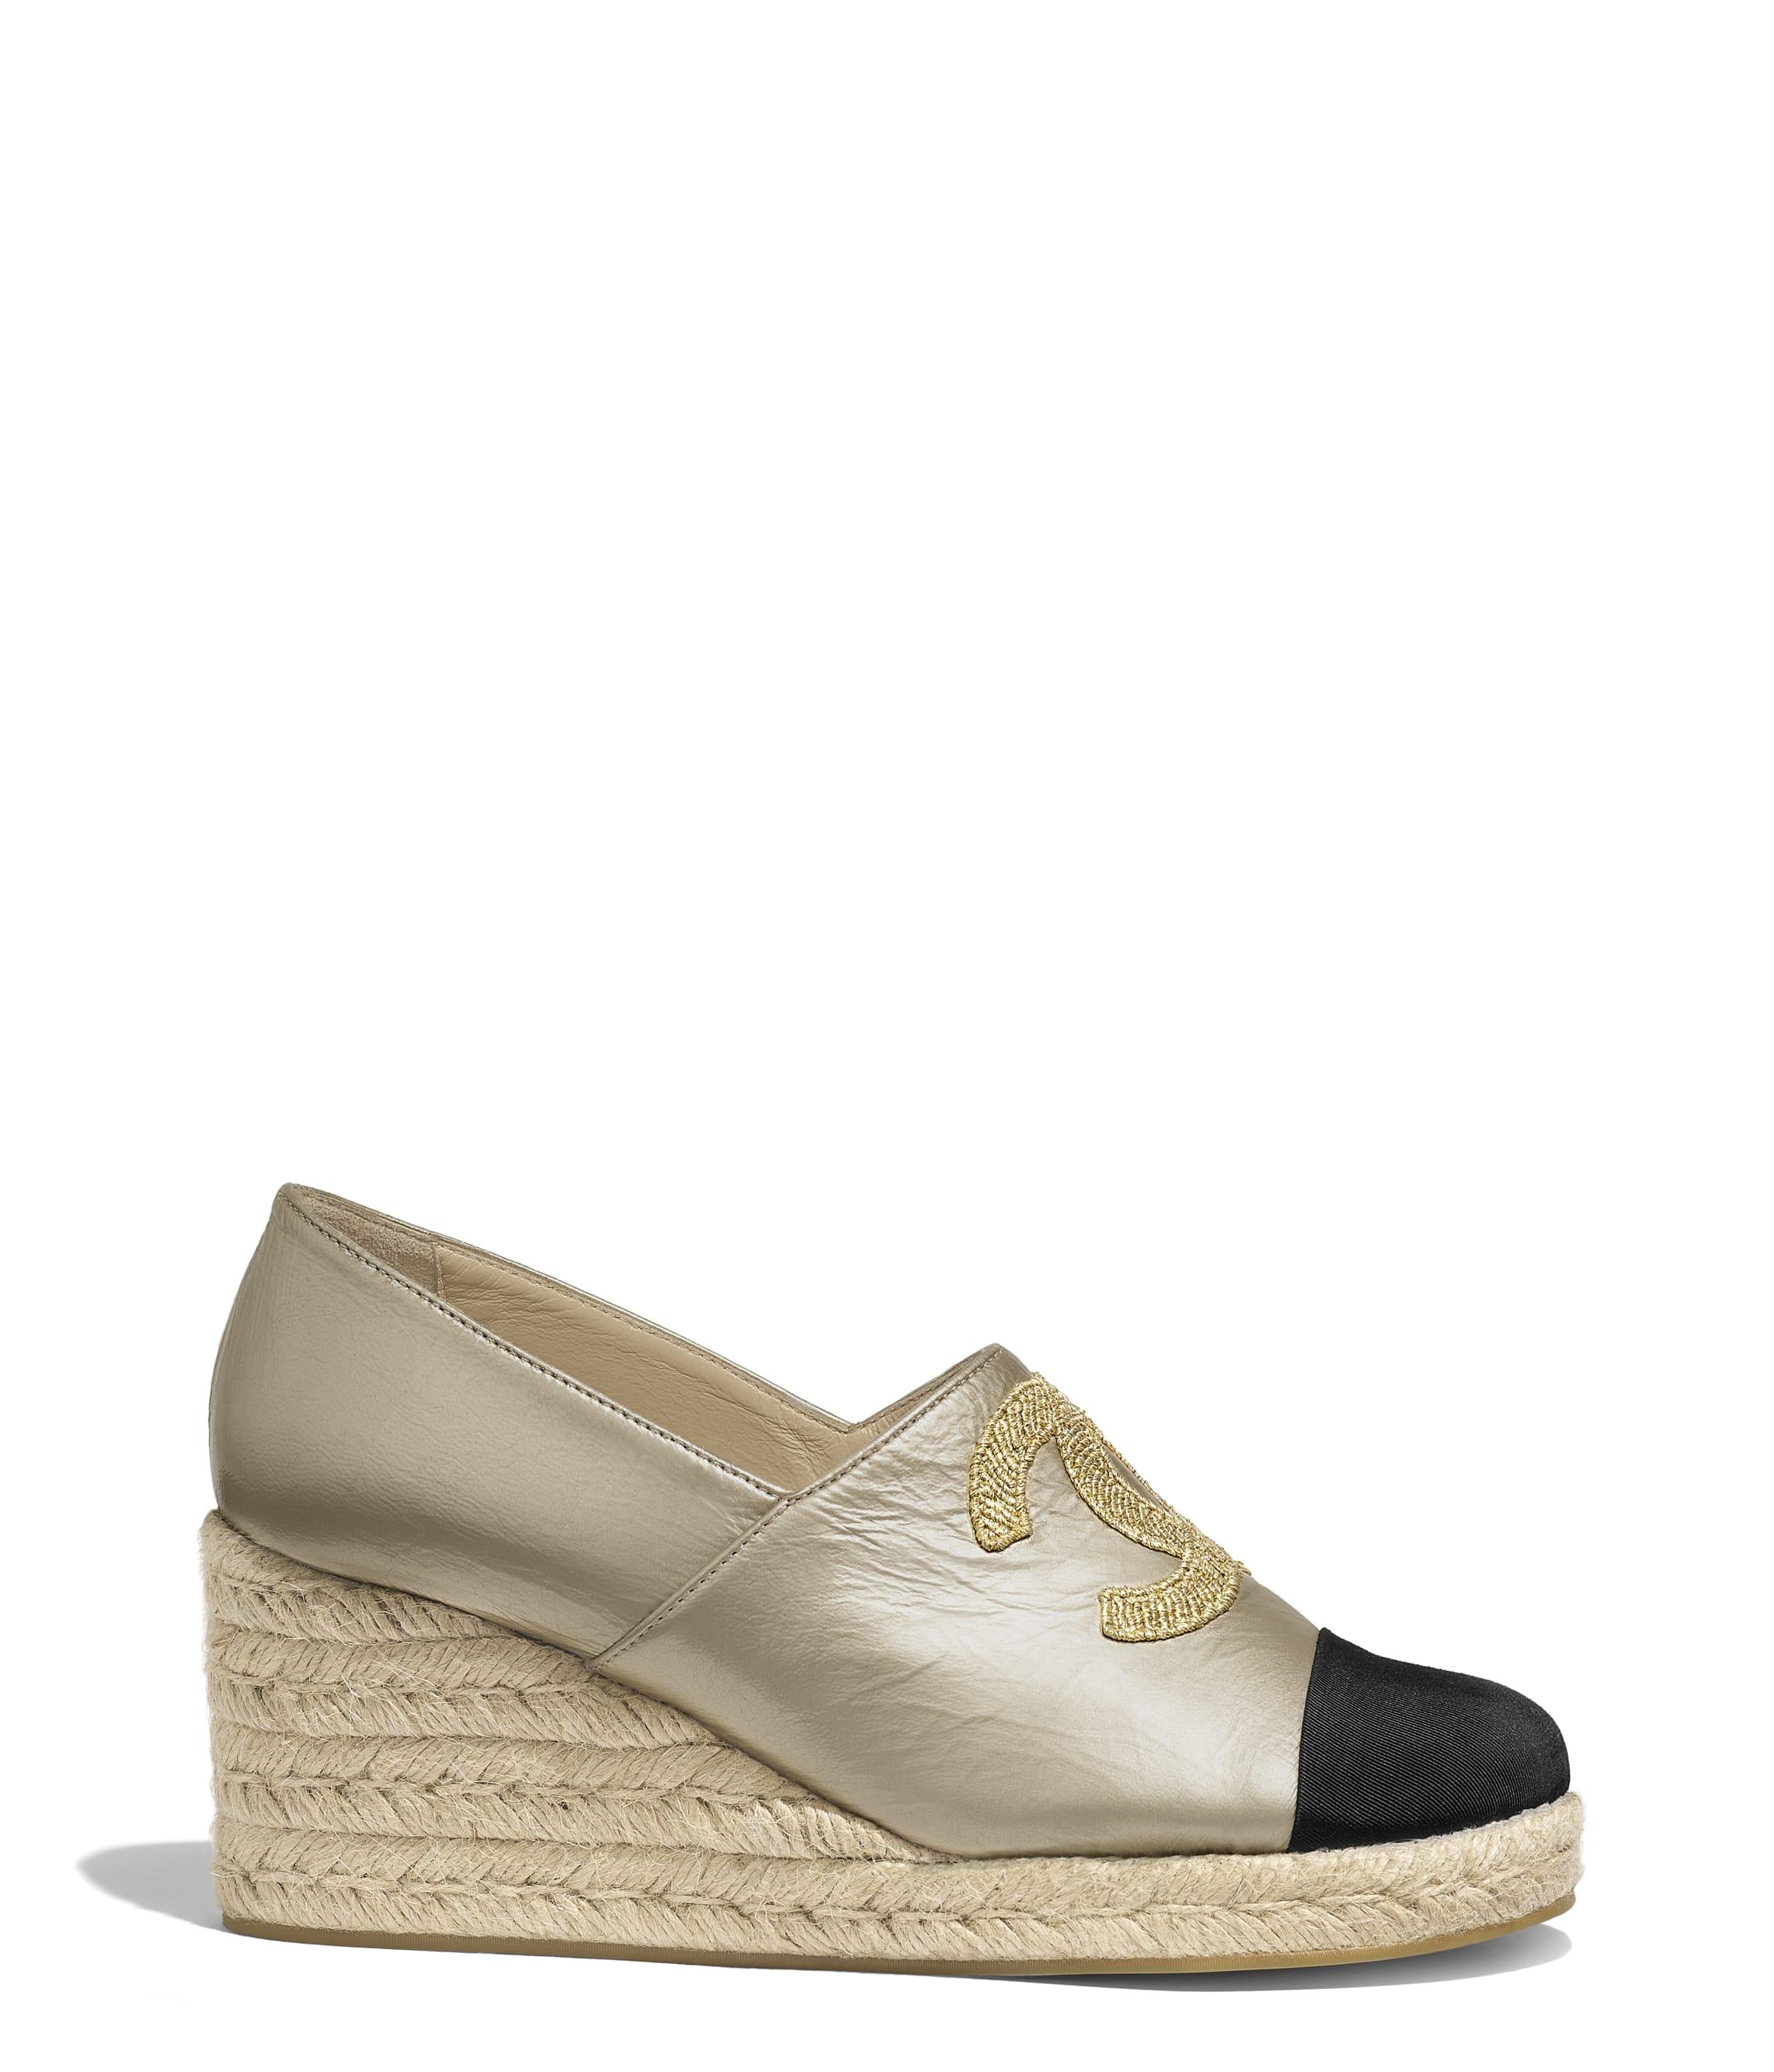 da64848b48d1 Espadrilles - Shoes - CHANEL